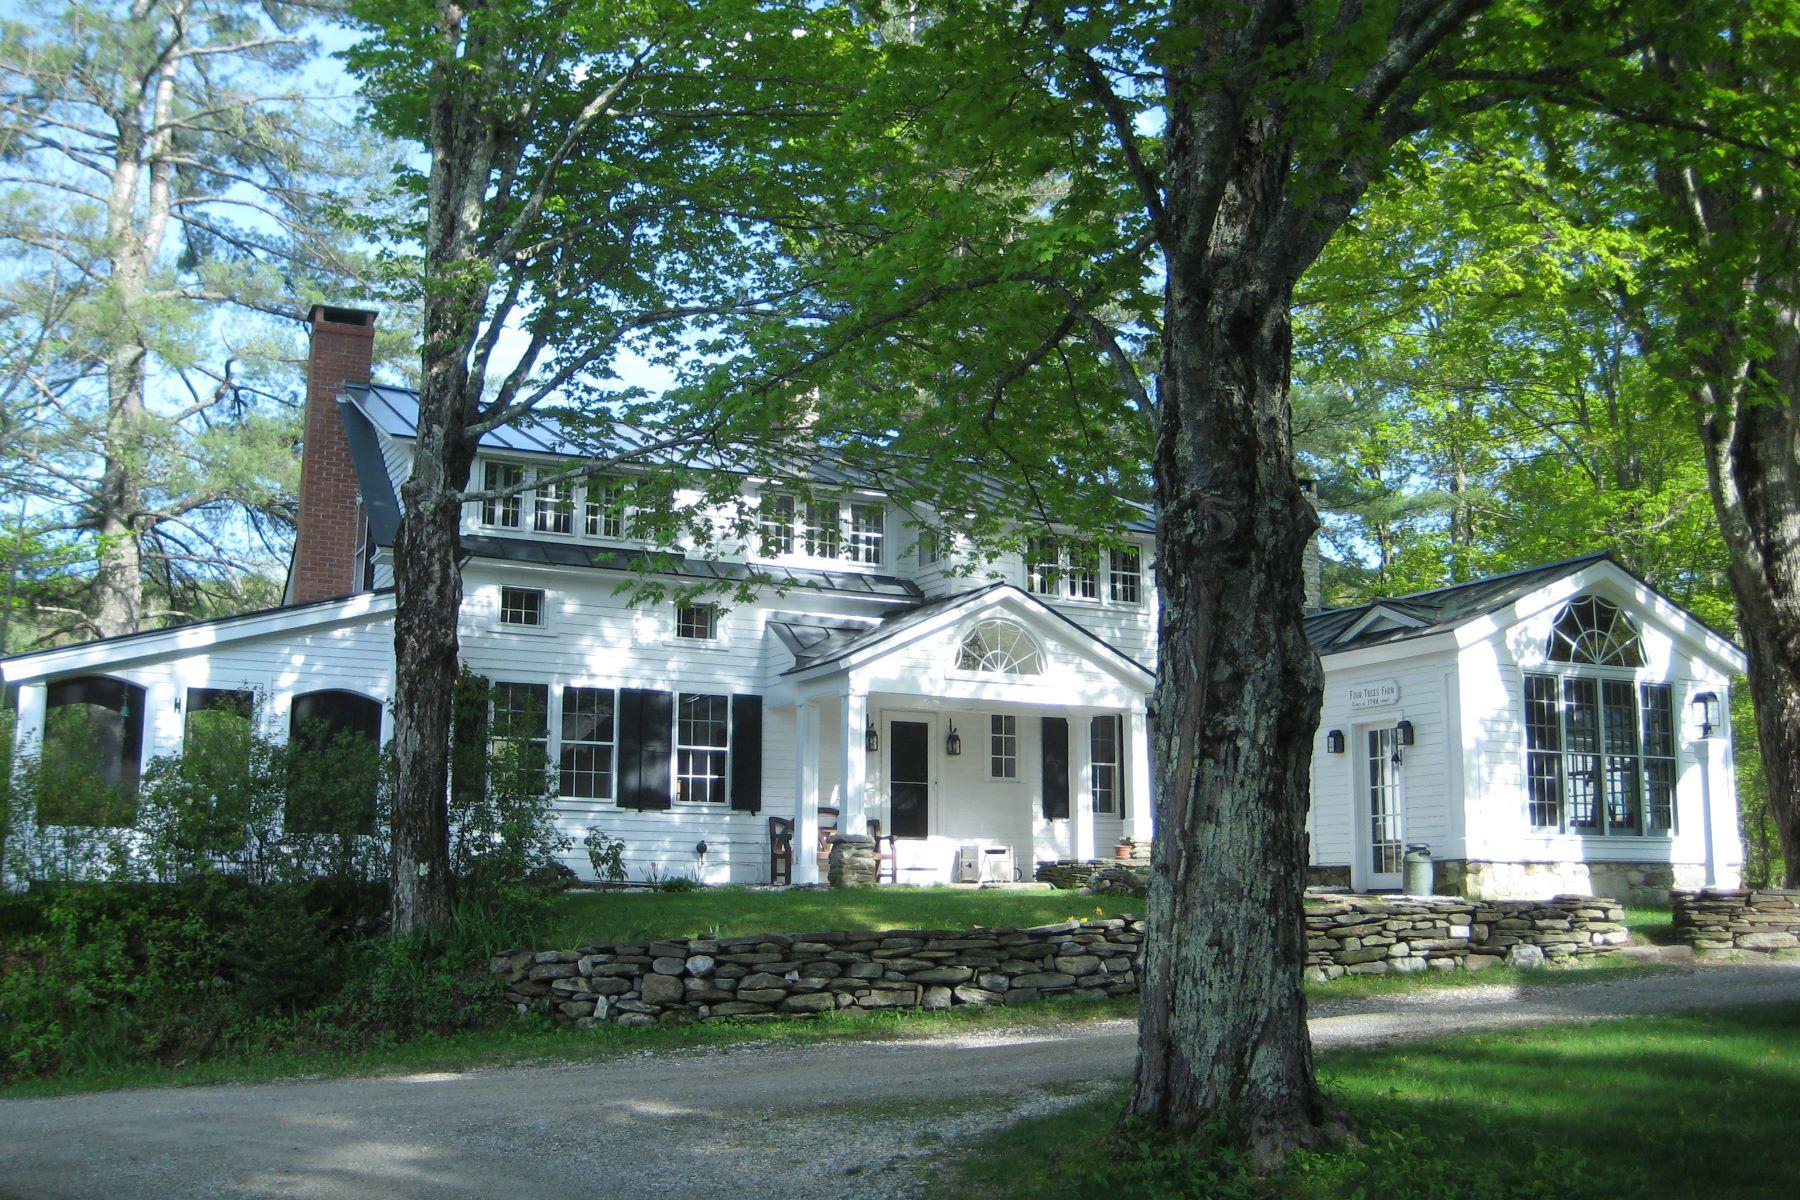 Частный односемейный дом для того Продажа на 5236 Vermont Route 100, Wardsboro 5236 Vermont Route 100 Wardsboro, Вермонт 05360 Соединенные Штаты